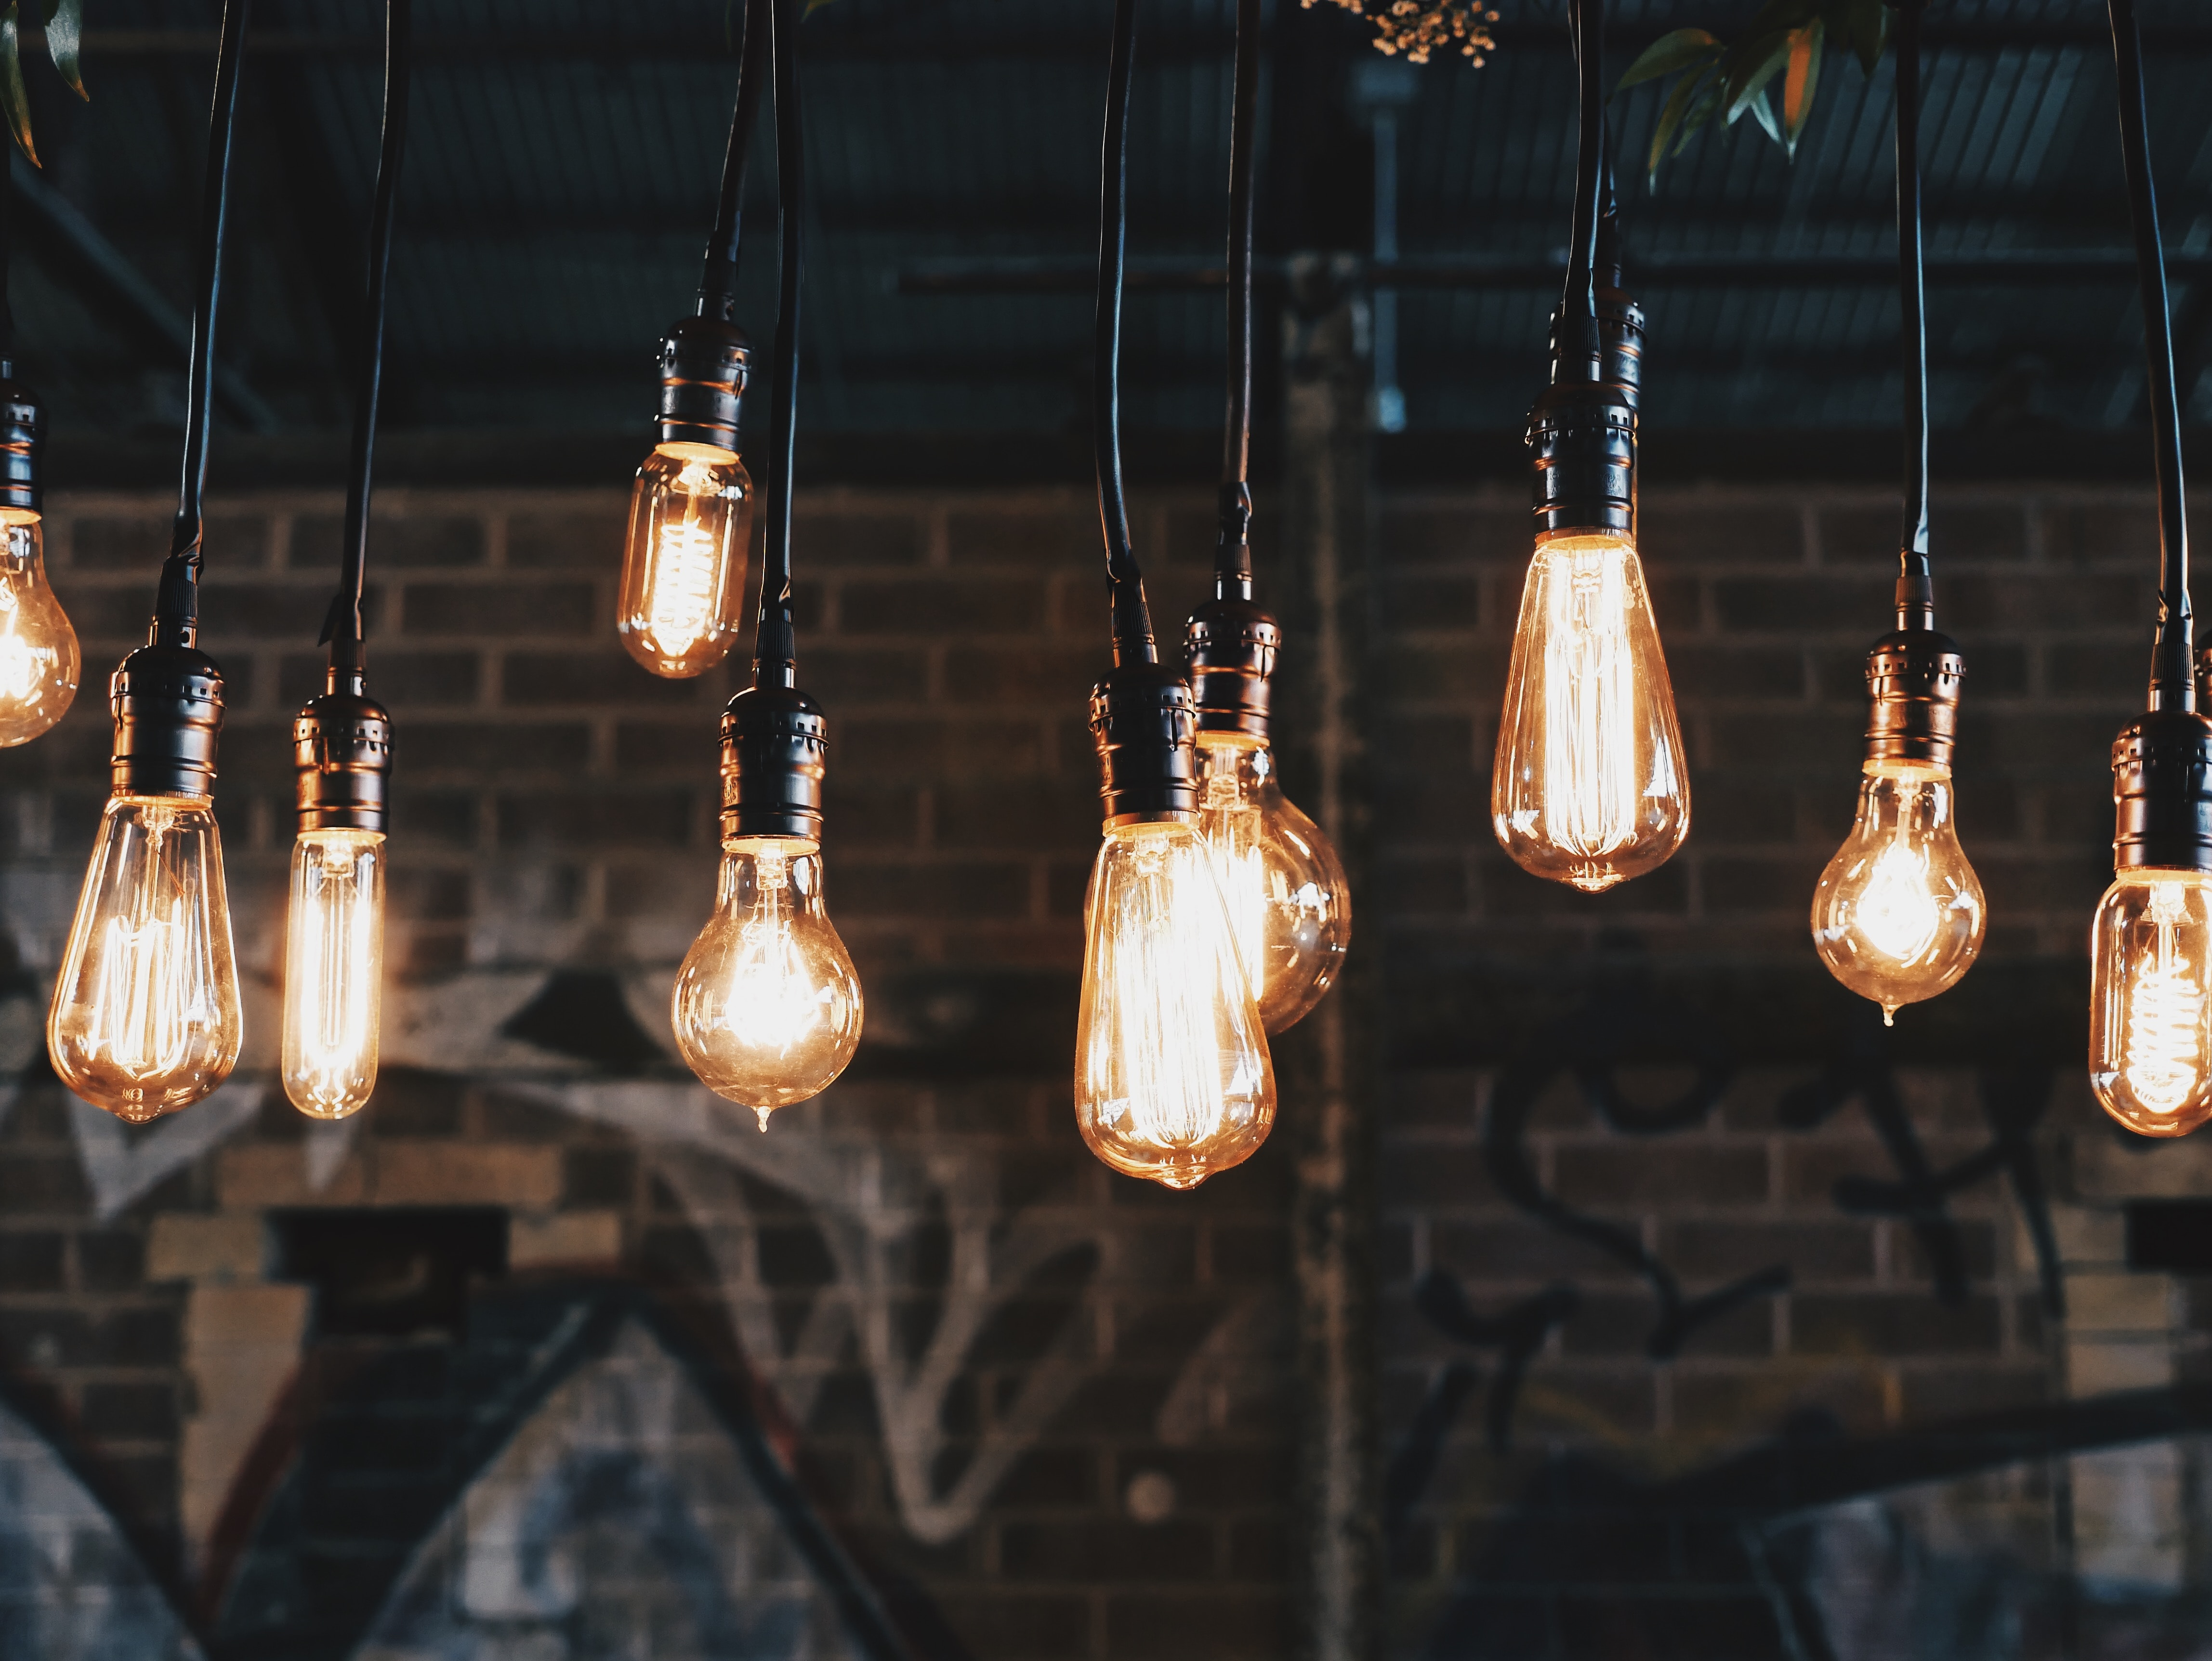 Lampen im Industrial Style – Inspiration für Wohnzimmer, Küche und mehr